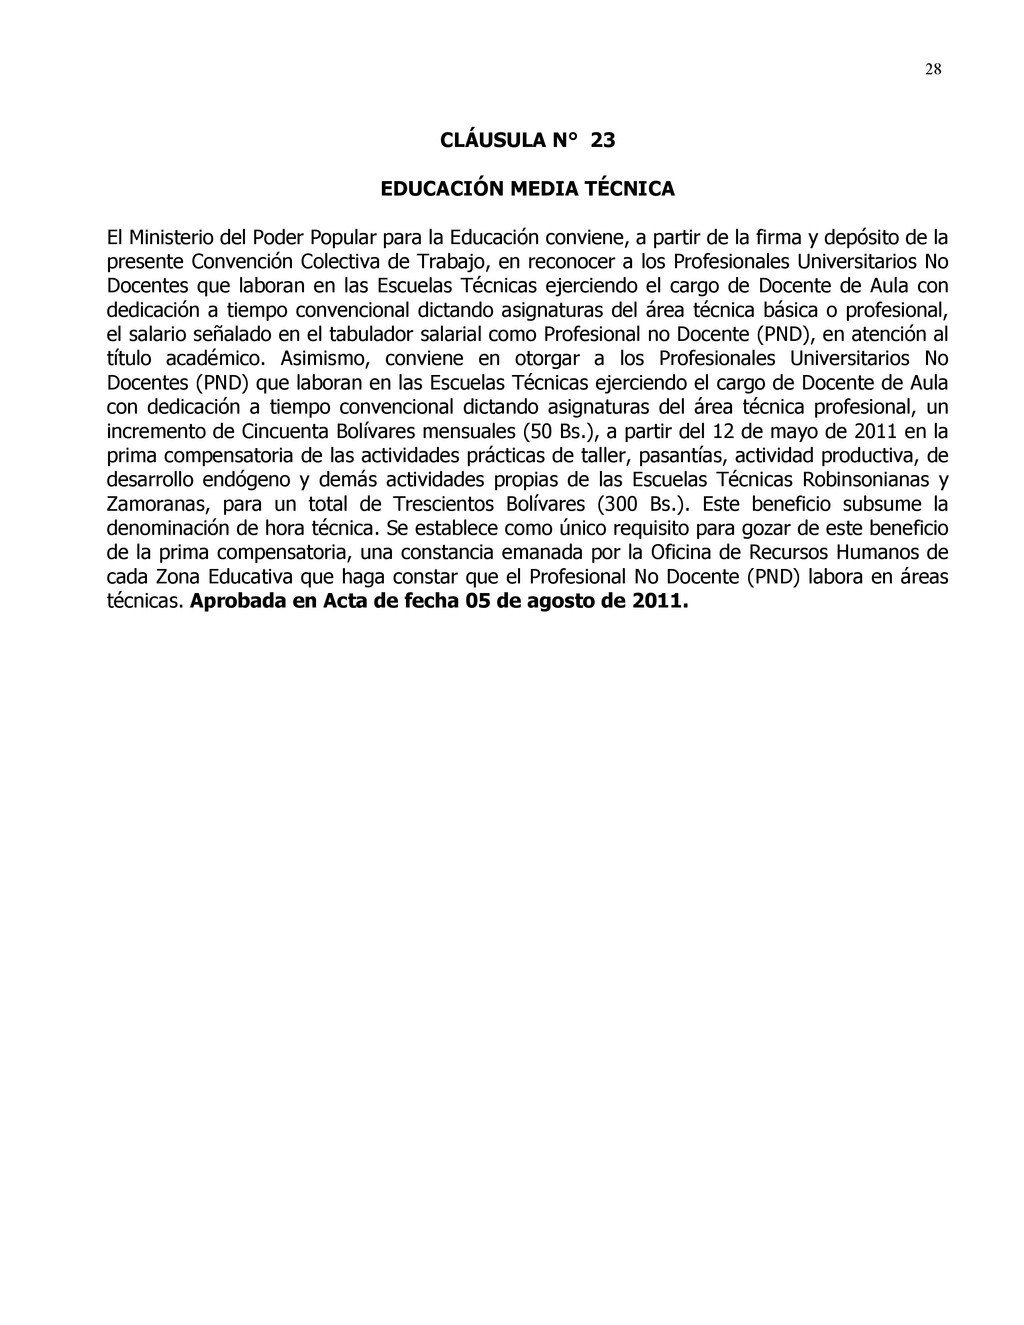 28 CLÁUSULA N° 23 EDUCACIÓN MEDIA TÉCNICA El Mi...